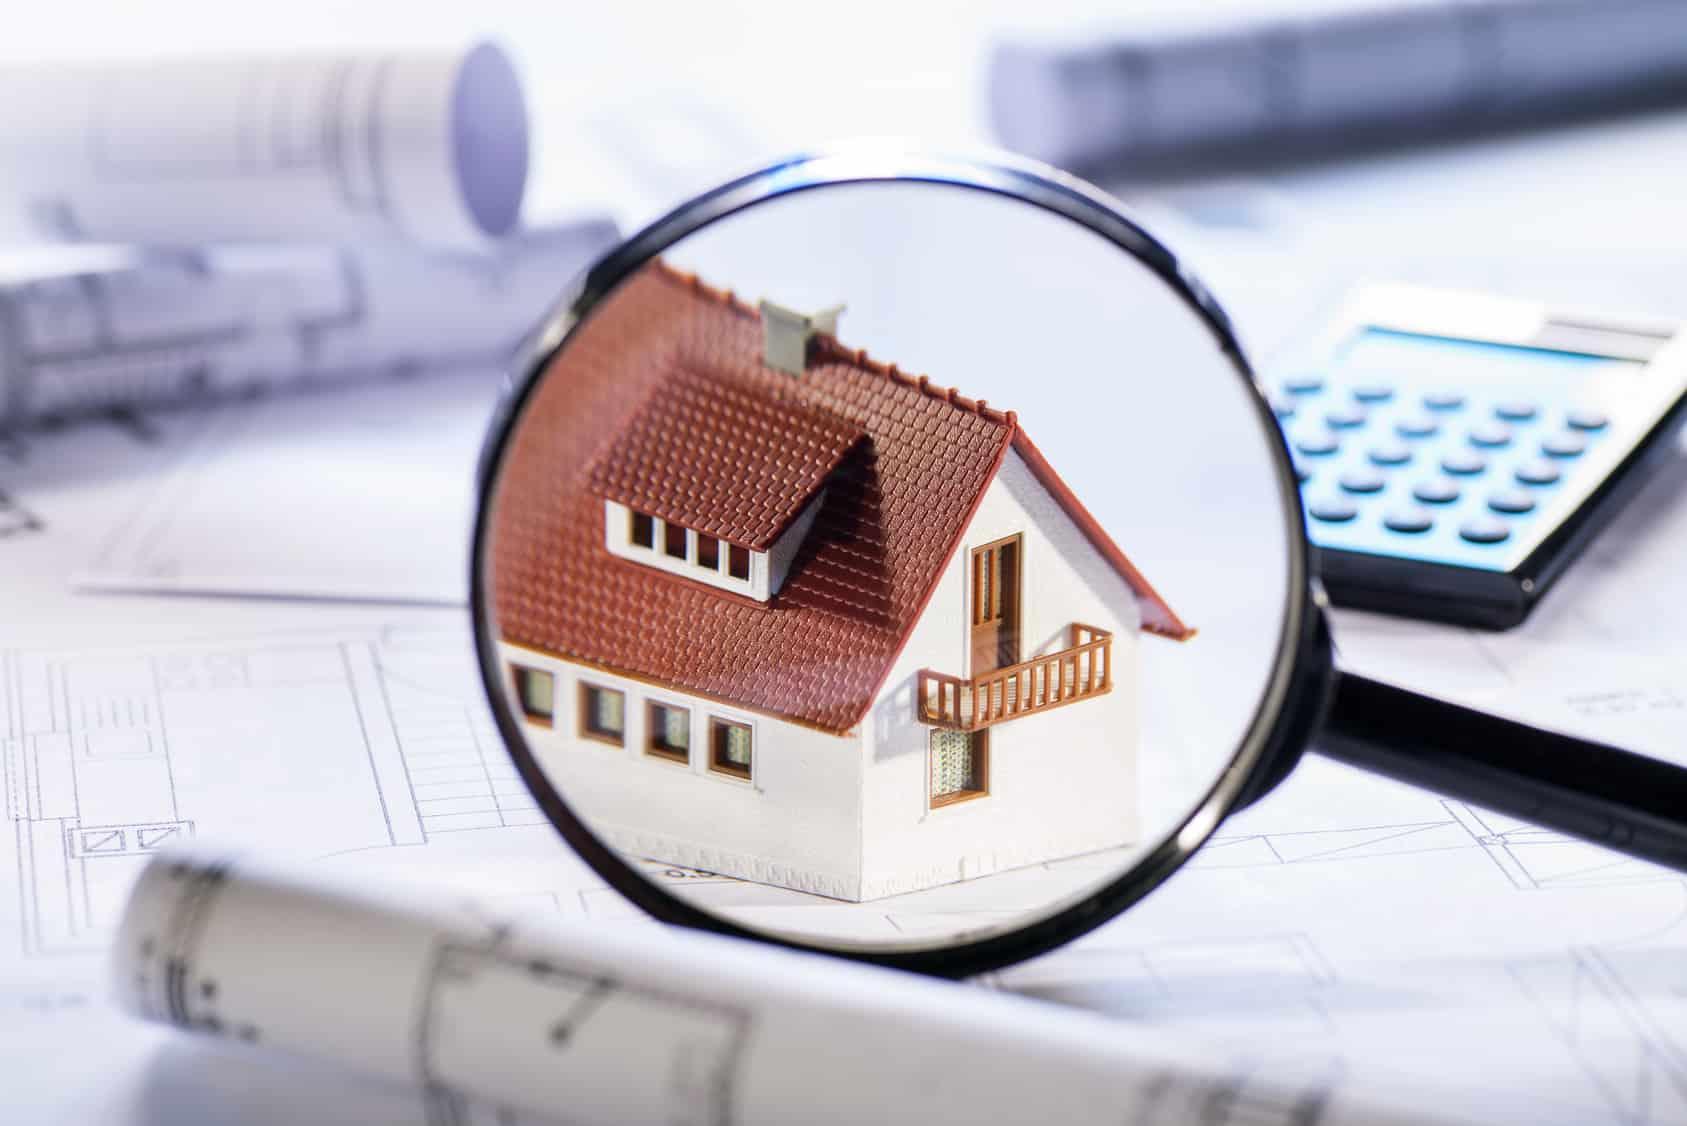 Avocat spécialiste de la saisie immobilière à Nice - Maître Thomas CANFIN